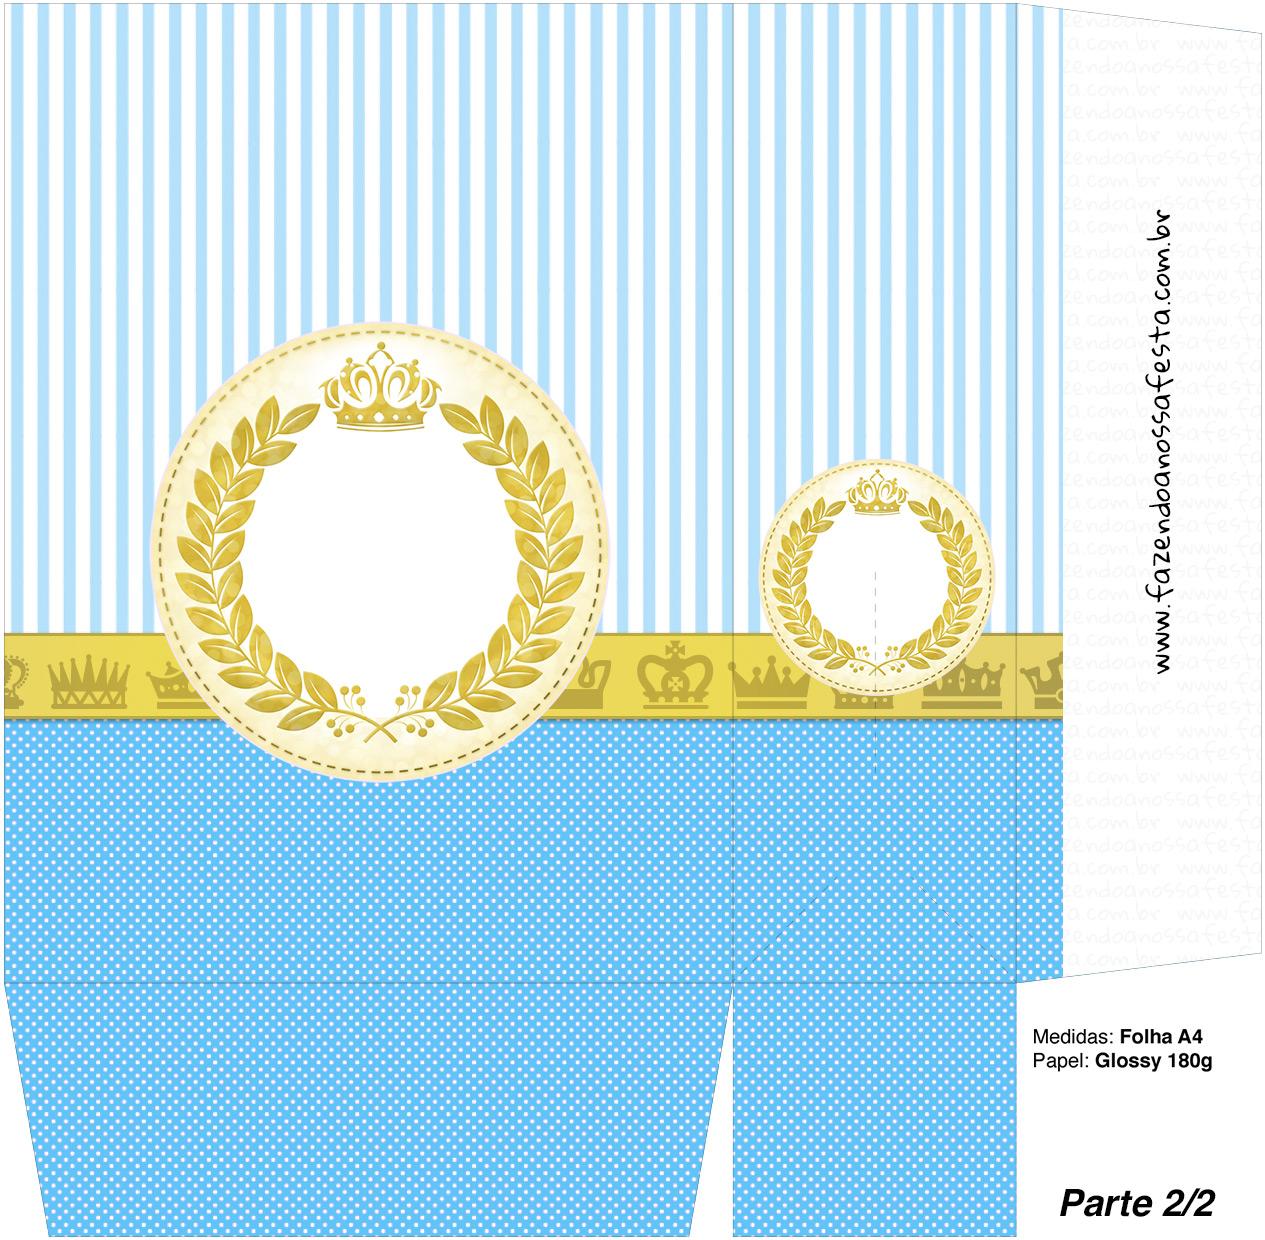 Sacolinha Surpresa Coroa Príncipe - A4 parte 2